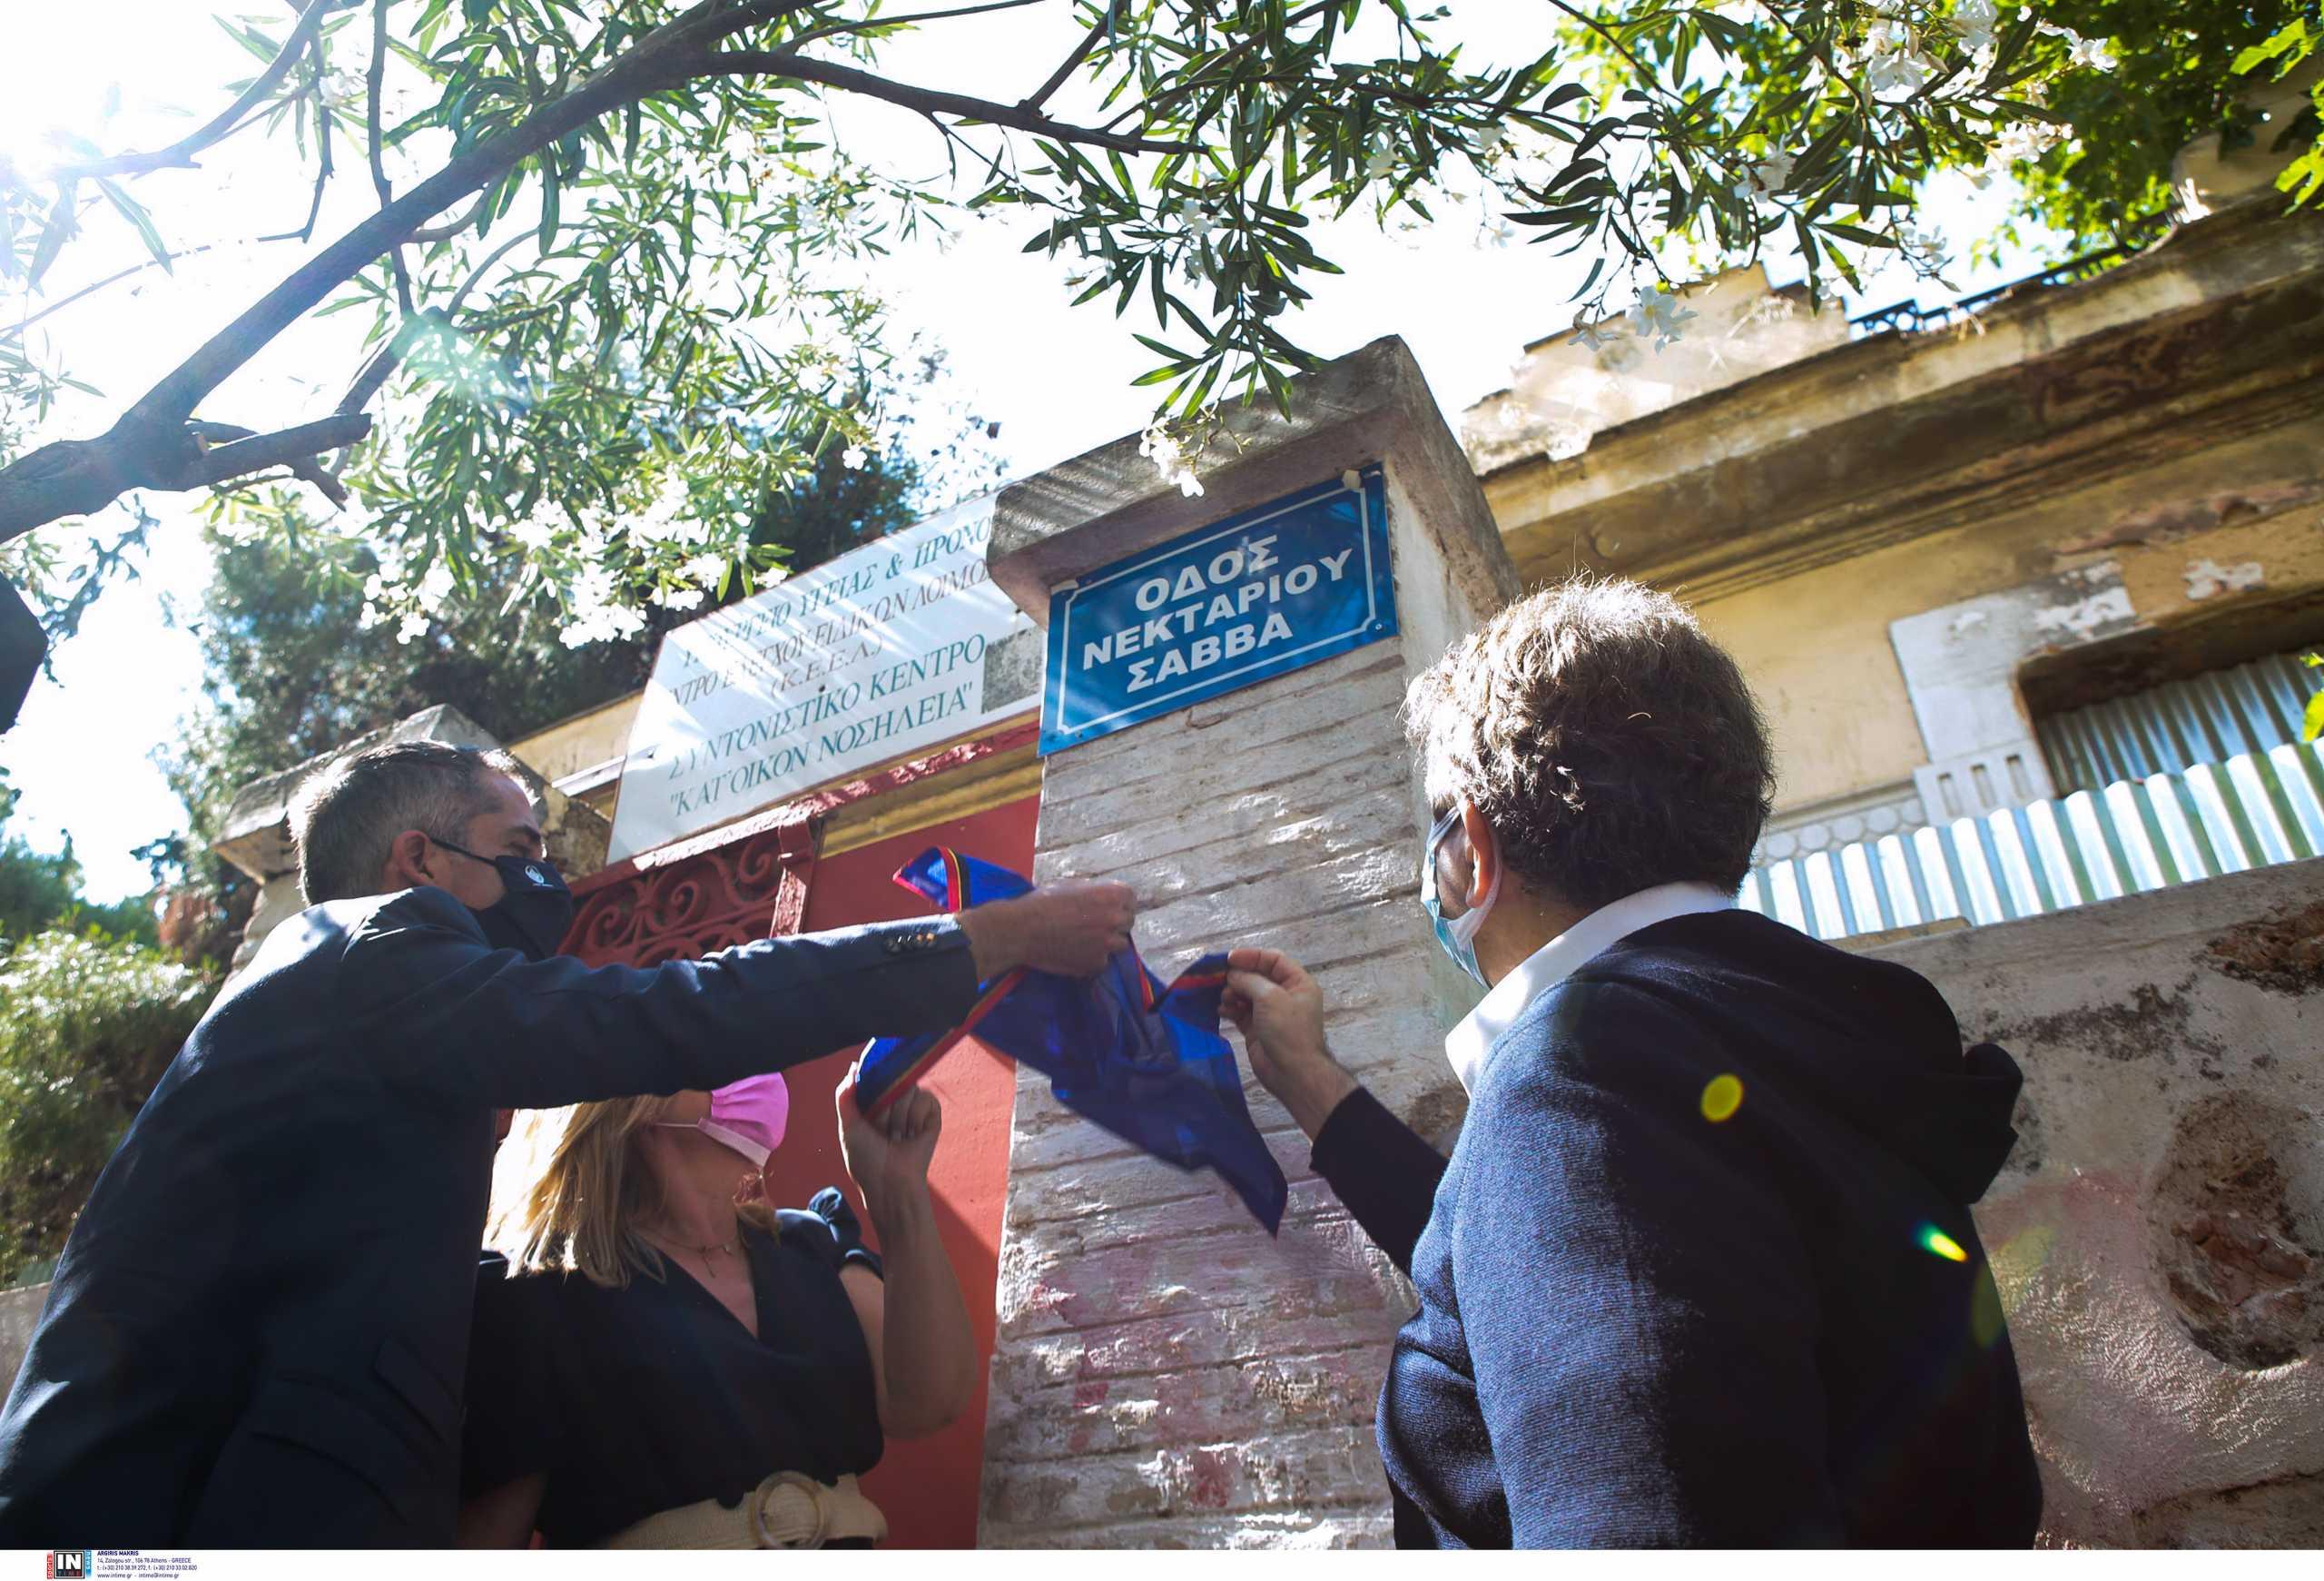 Δήμος Αθηναίων: Μνημείο για τον Νεκτάριο Σάββα – Το όνομα του δολοφονημένου αστυνομικού δόθηκε σε δρόμο (pics)